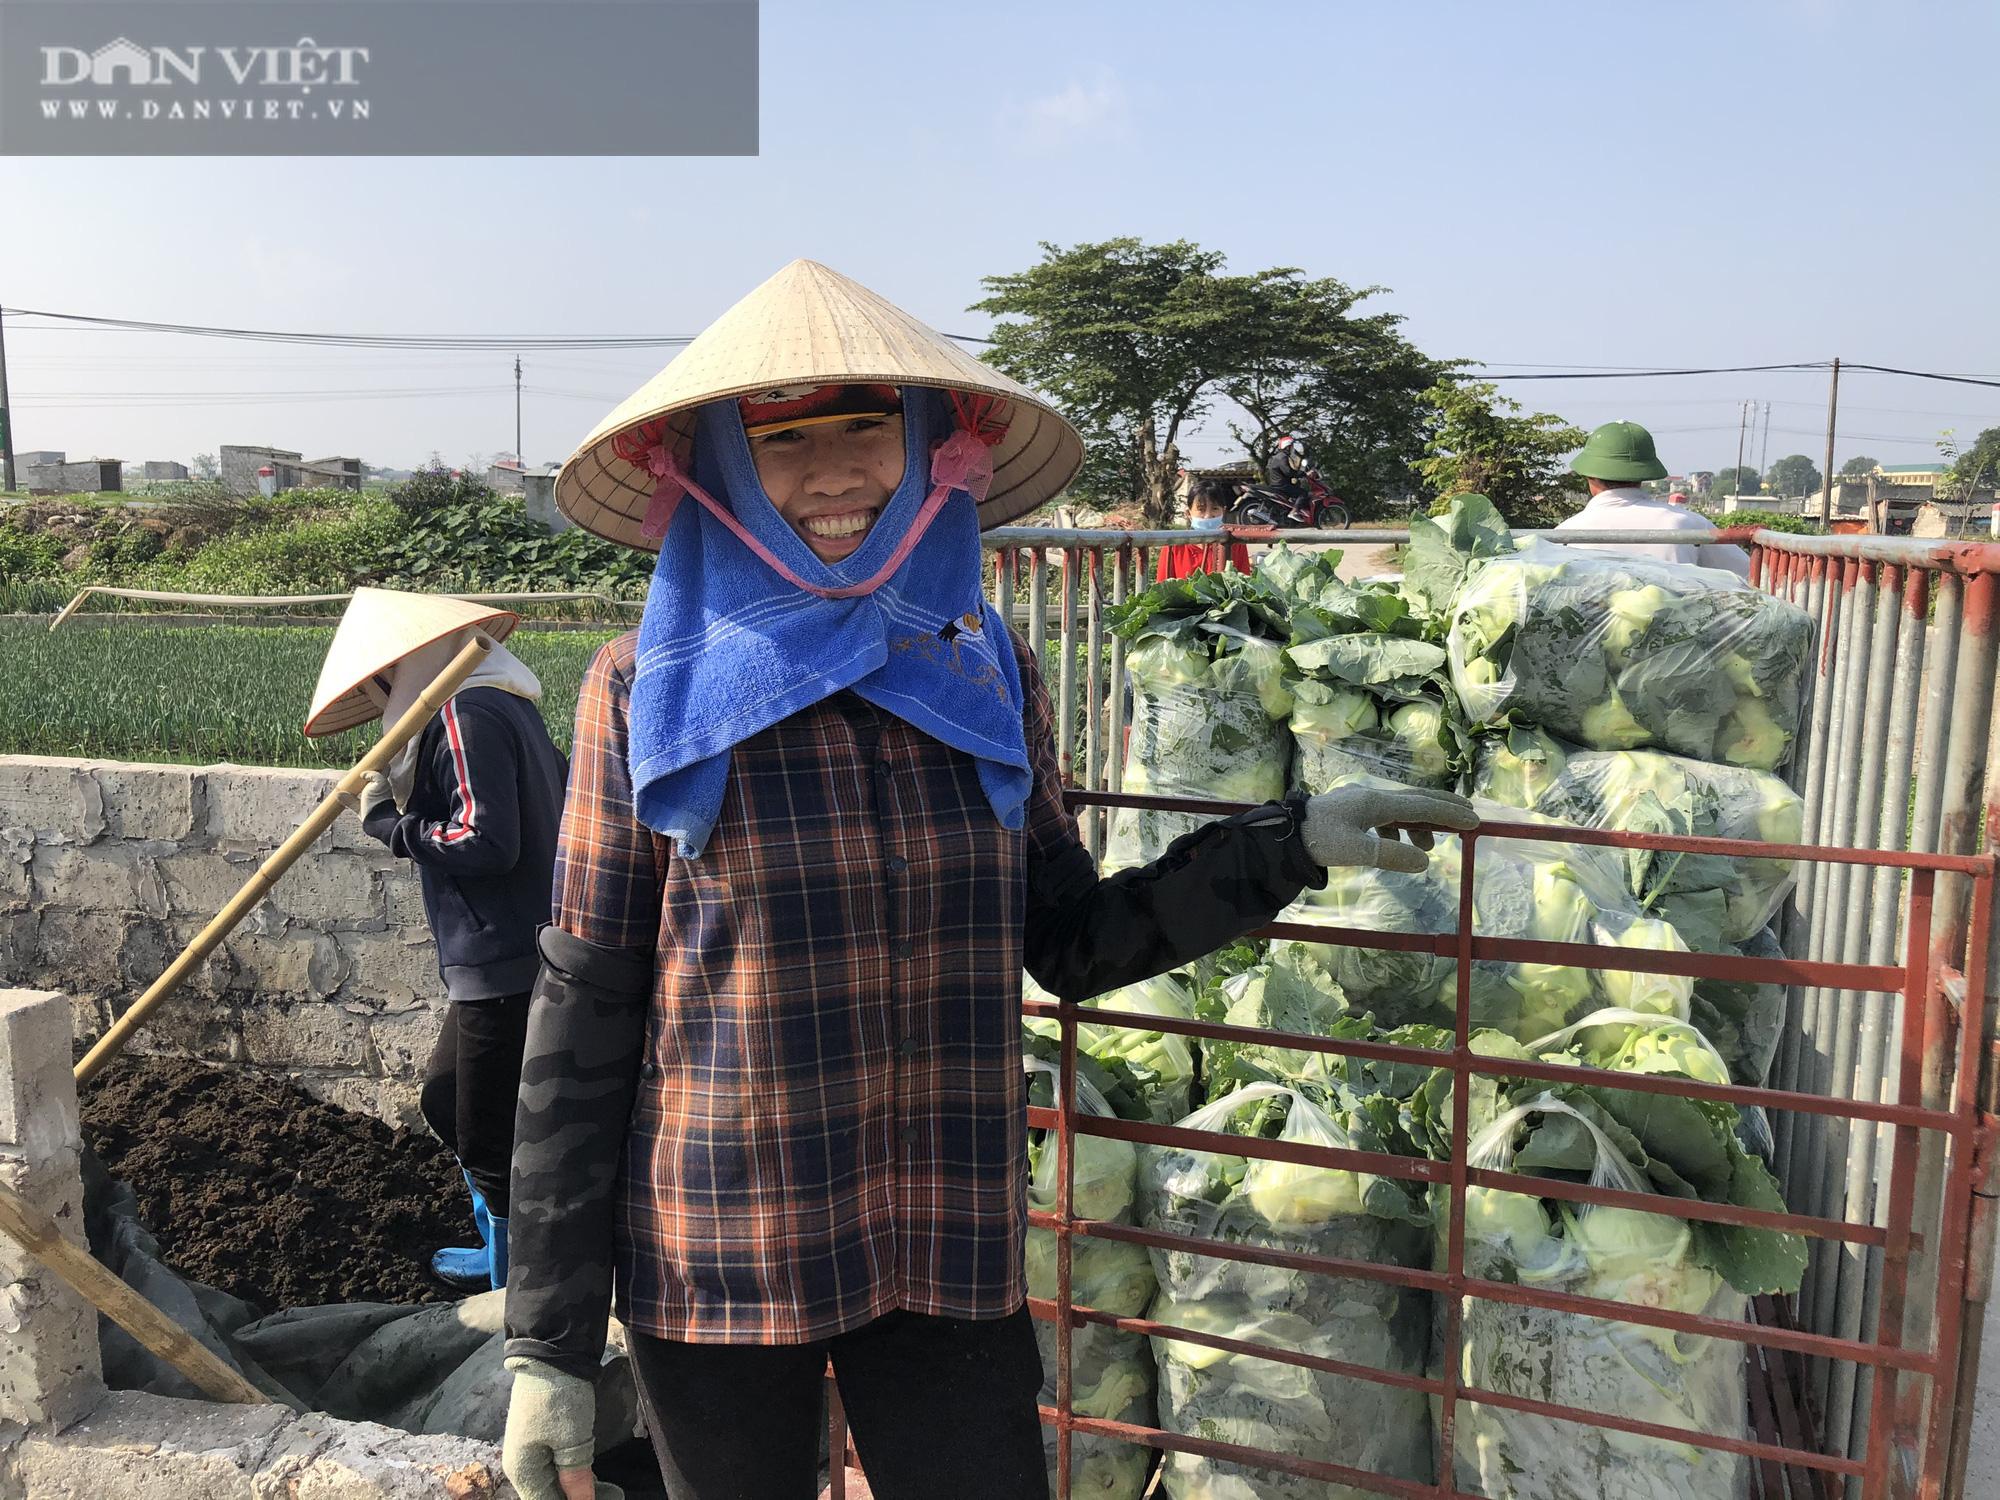 Thái Bình: Rau rẻ như cho, chỉ 8.000 nghìn đồng/15 củ su hào, nông dân chán nản cắt về làm thức ăn cho bò - Ảnh 1.